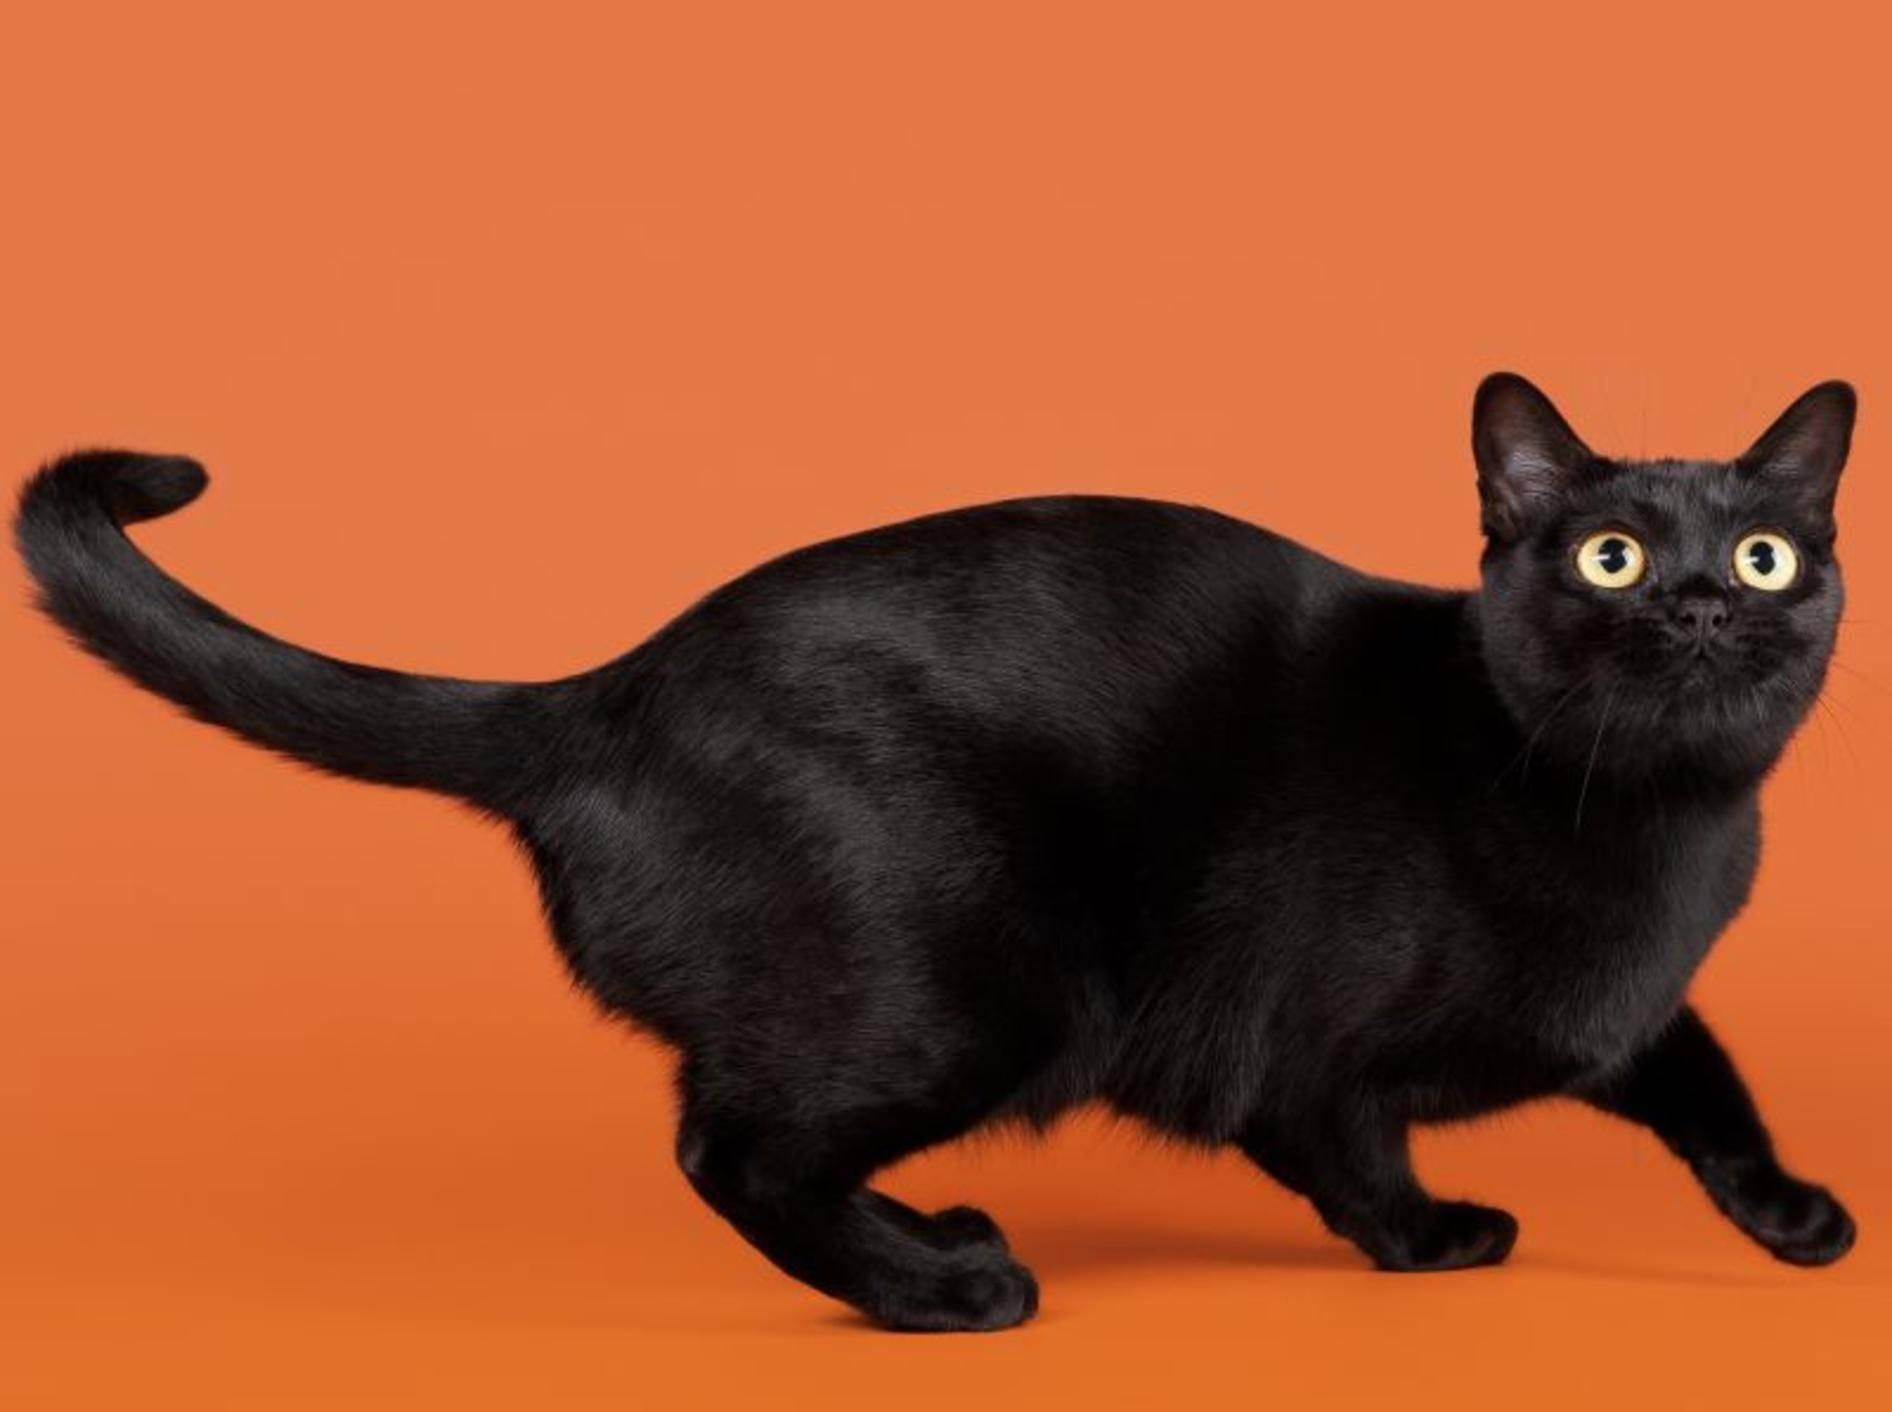 Die Bombay-Katze ist zwar klein, aber muskulös – Bild: Shutterstock / dien